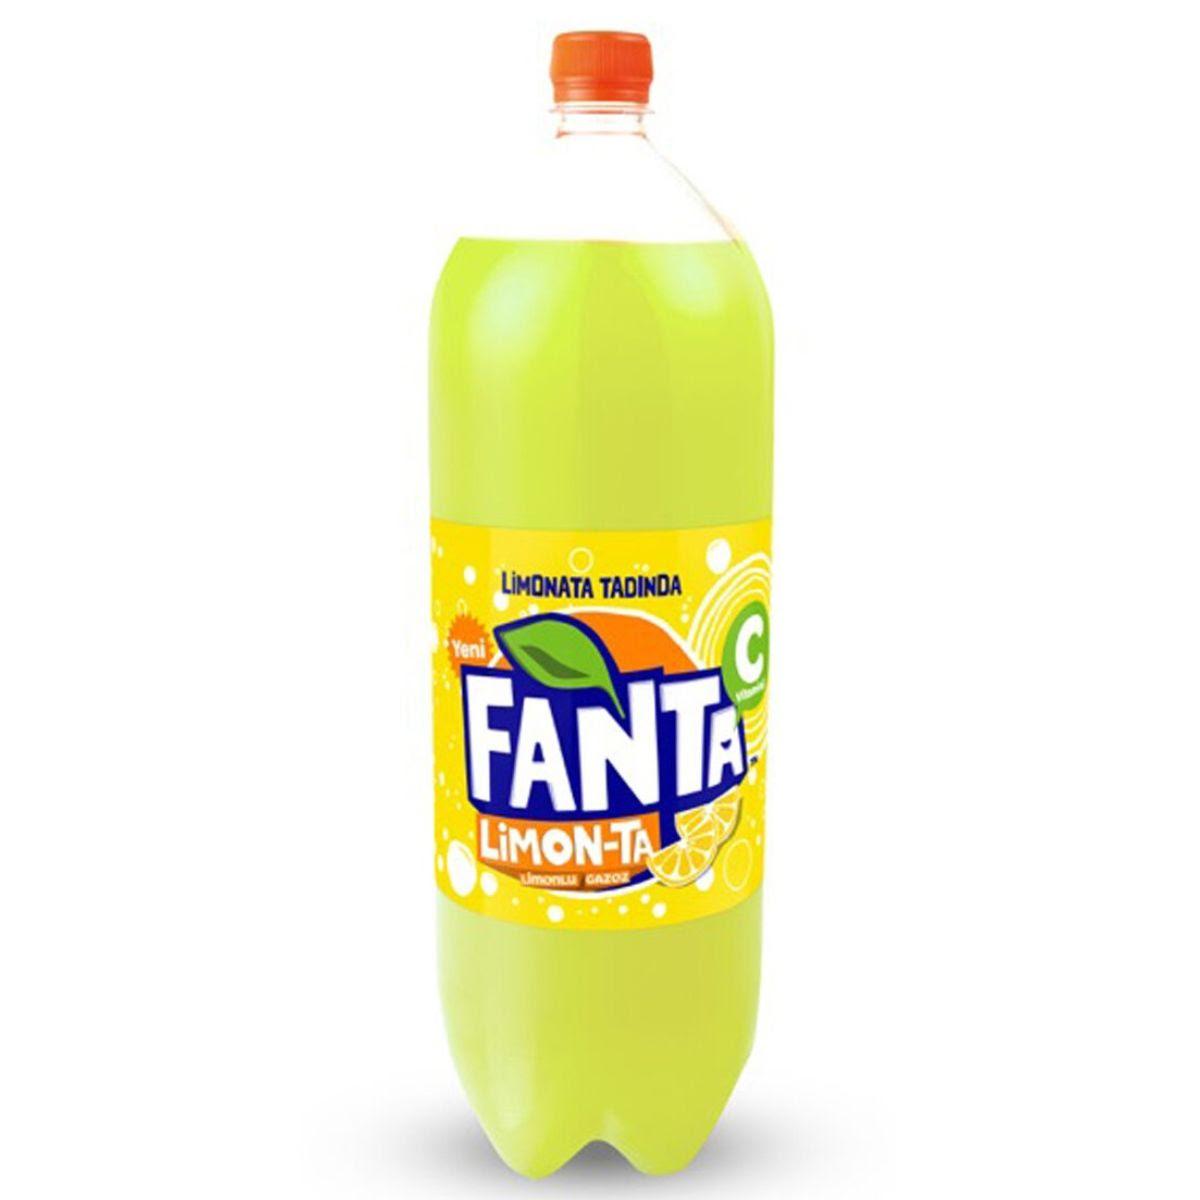 Fanta 2.5L Limonade